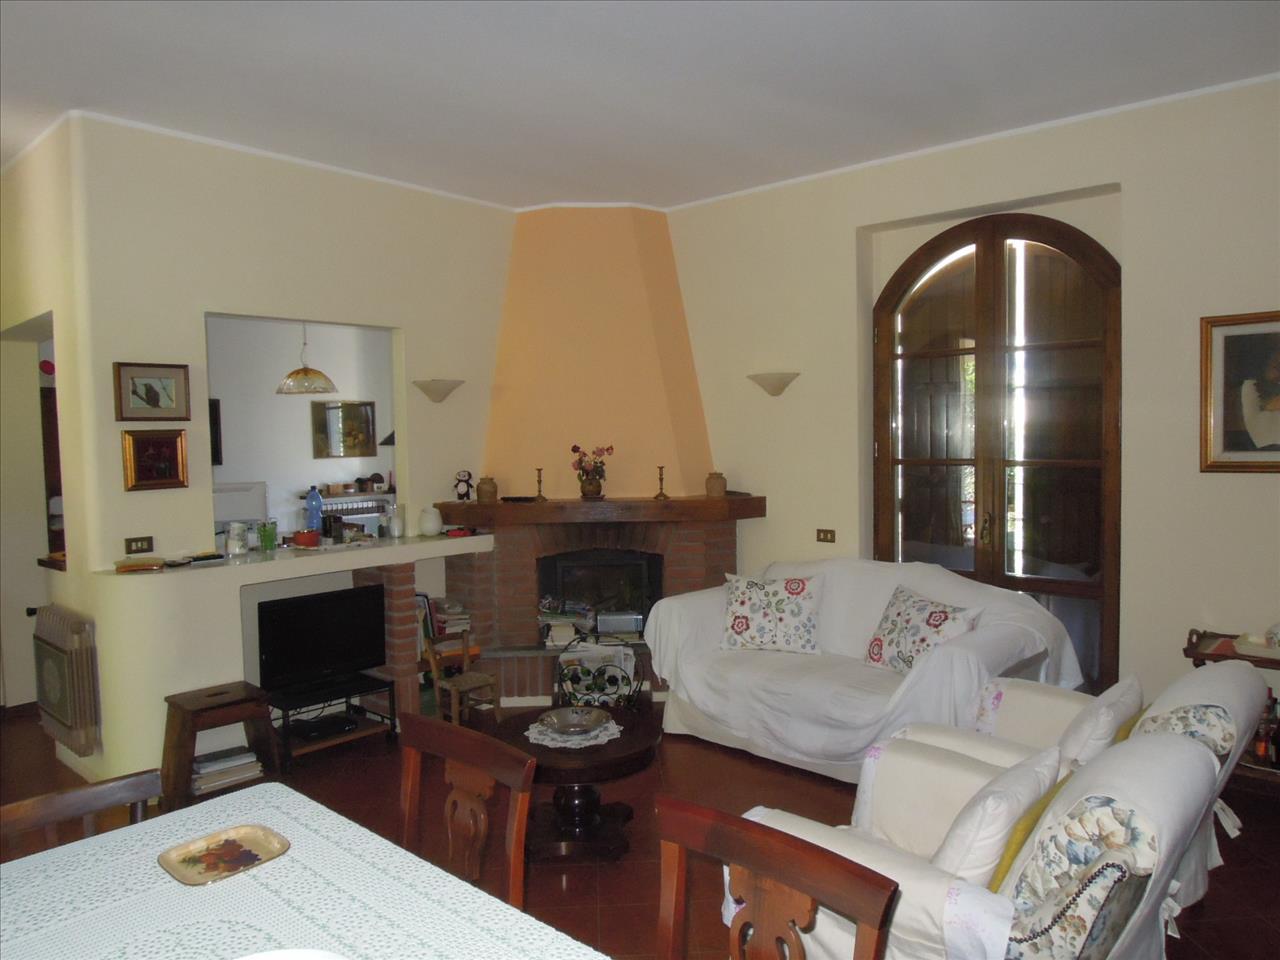 Villa in vendita a Travo, 9999 locali, Trattative riservate | CambioCasa.it